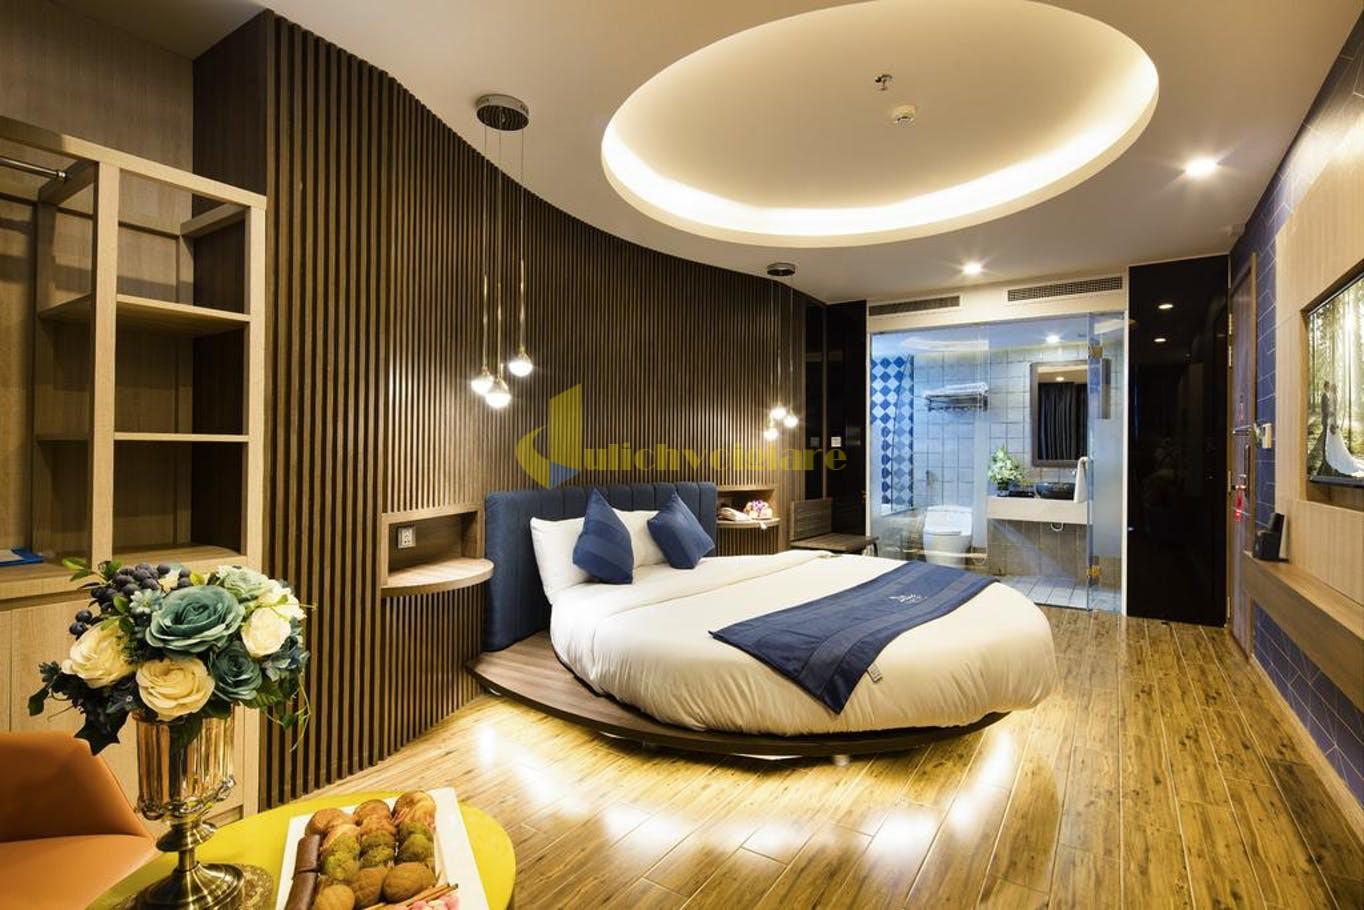 aaron-4 Top 10 Khách Sạn Đẹp Ngất Ngây Tại Nha Trang